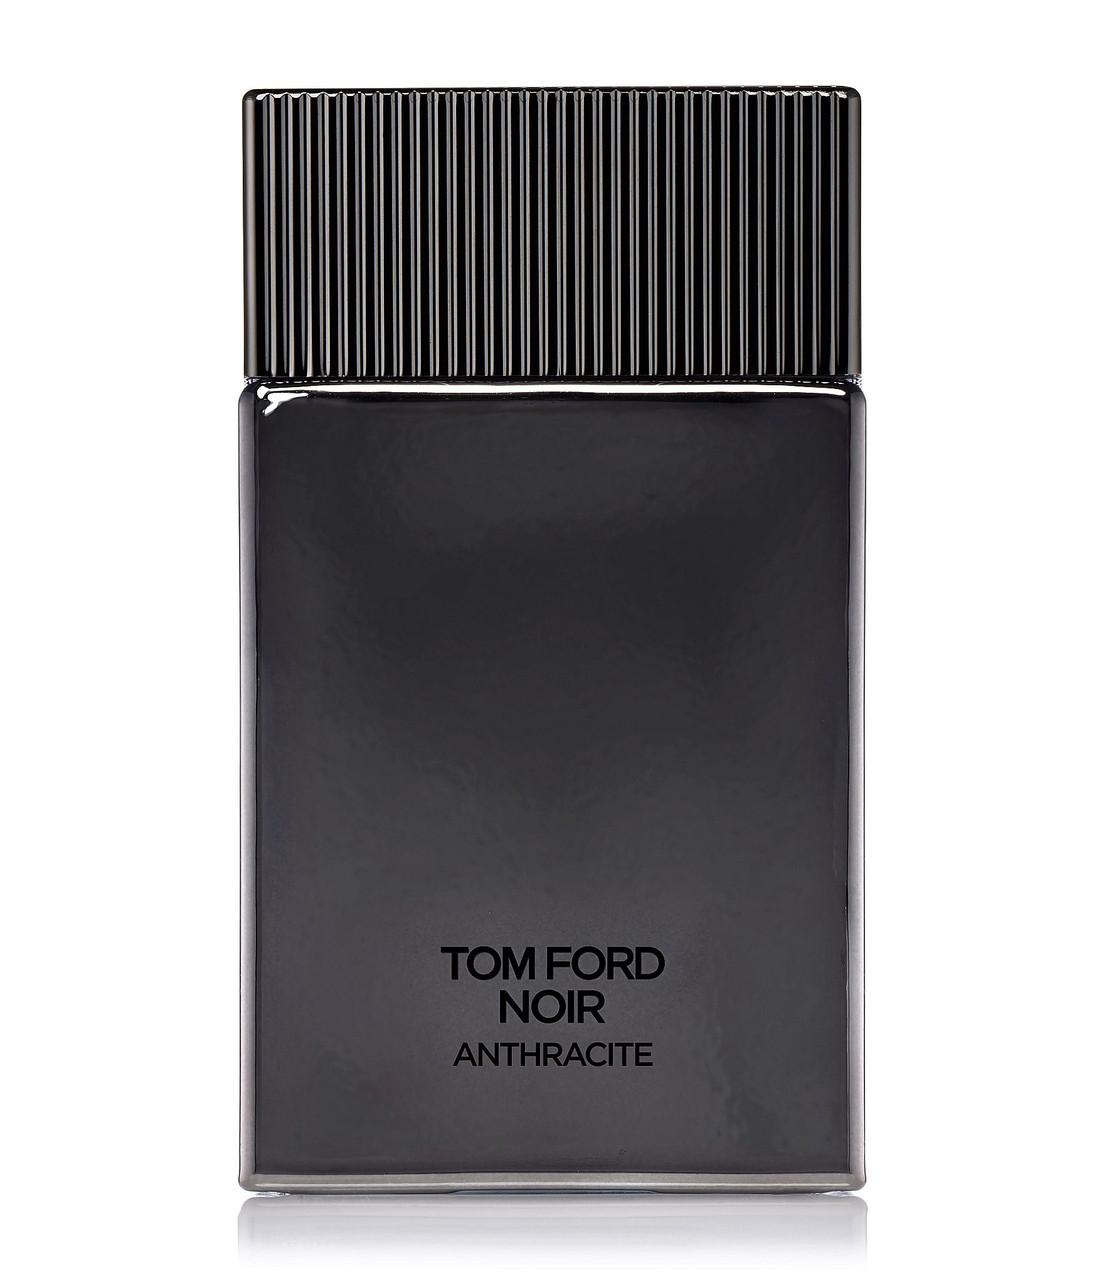 Tom Ford Noir Anthracite edp 100ml Tester, USA